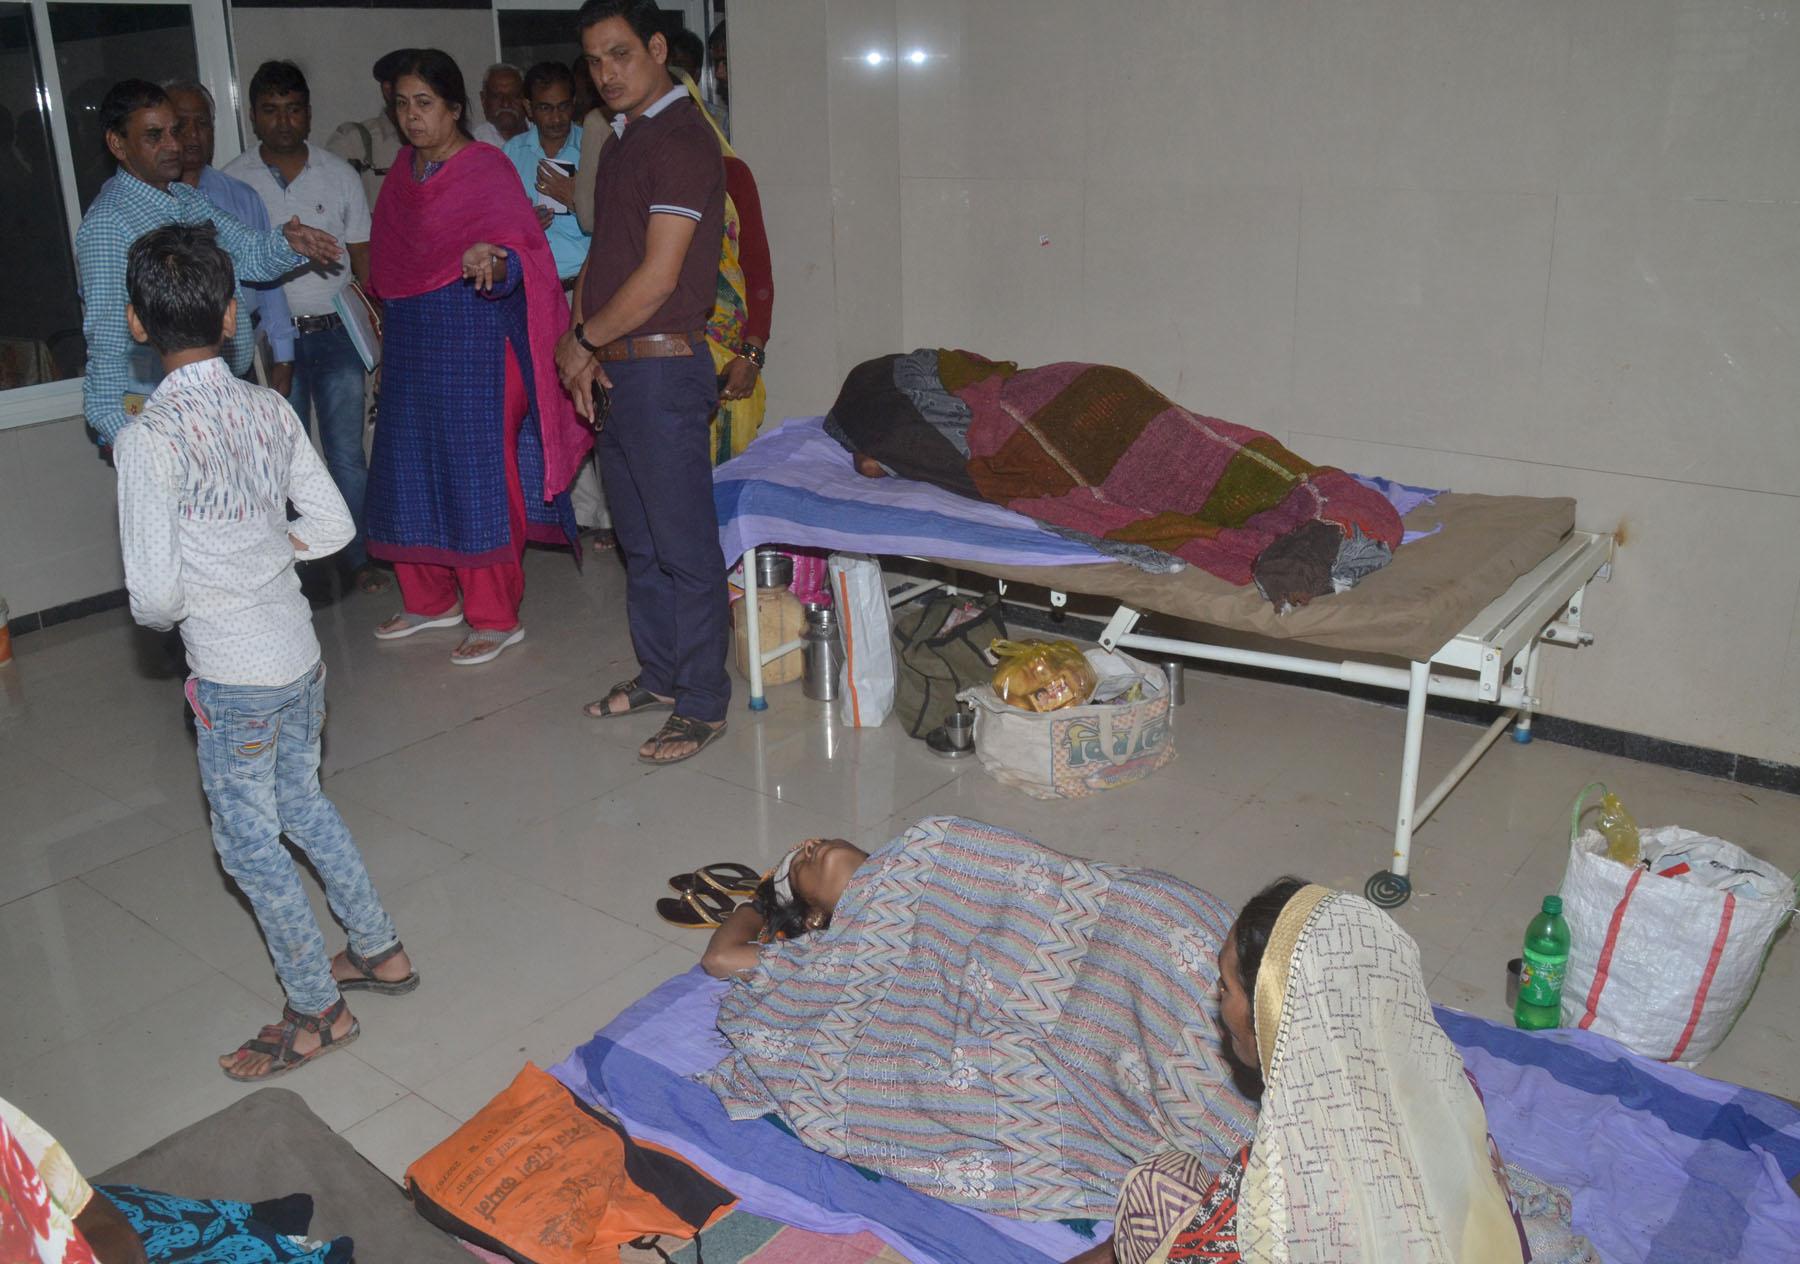 प्राइवेट जांच में मिल रहे डेंगू के मरीज, विभाग से कलेक्टर बोलीं- लोग मरने लगेंगे तब ध्यान दोगे!